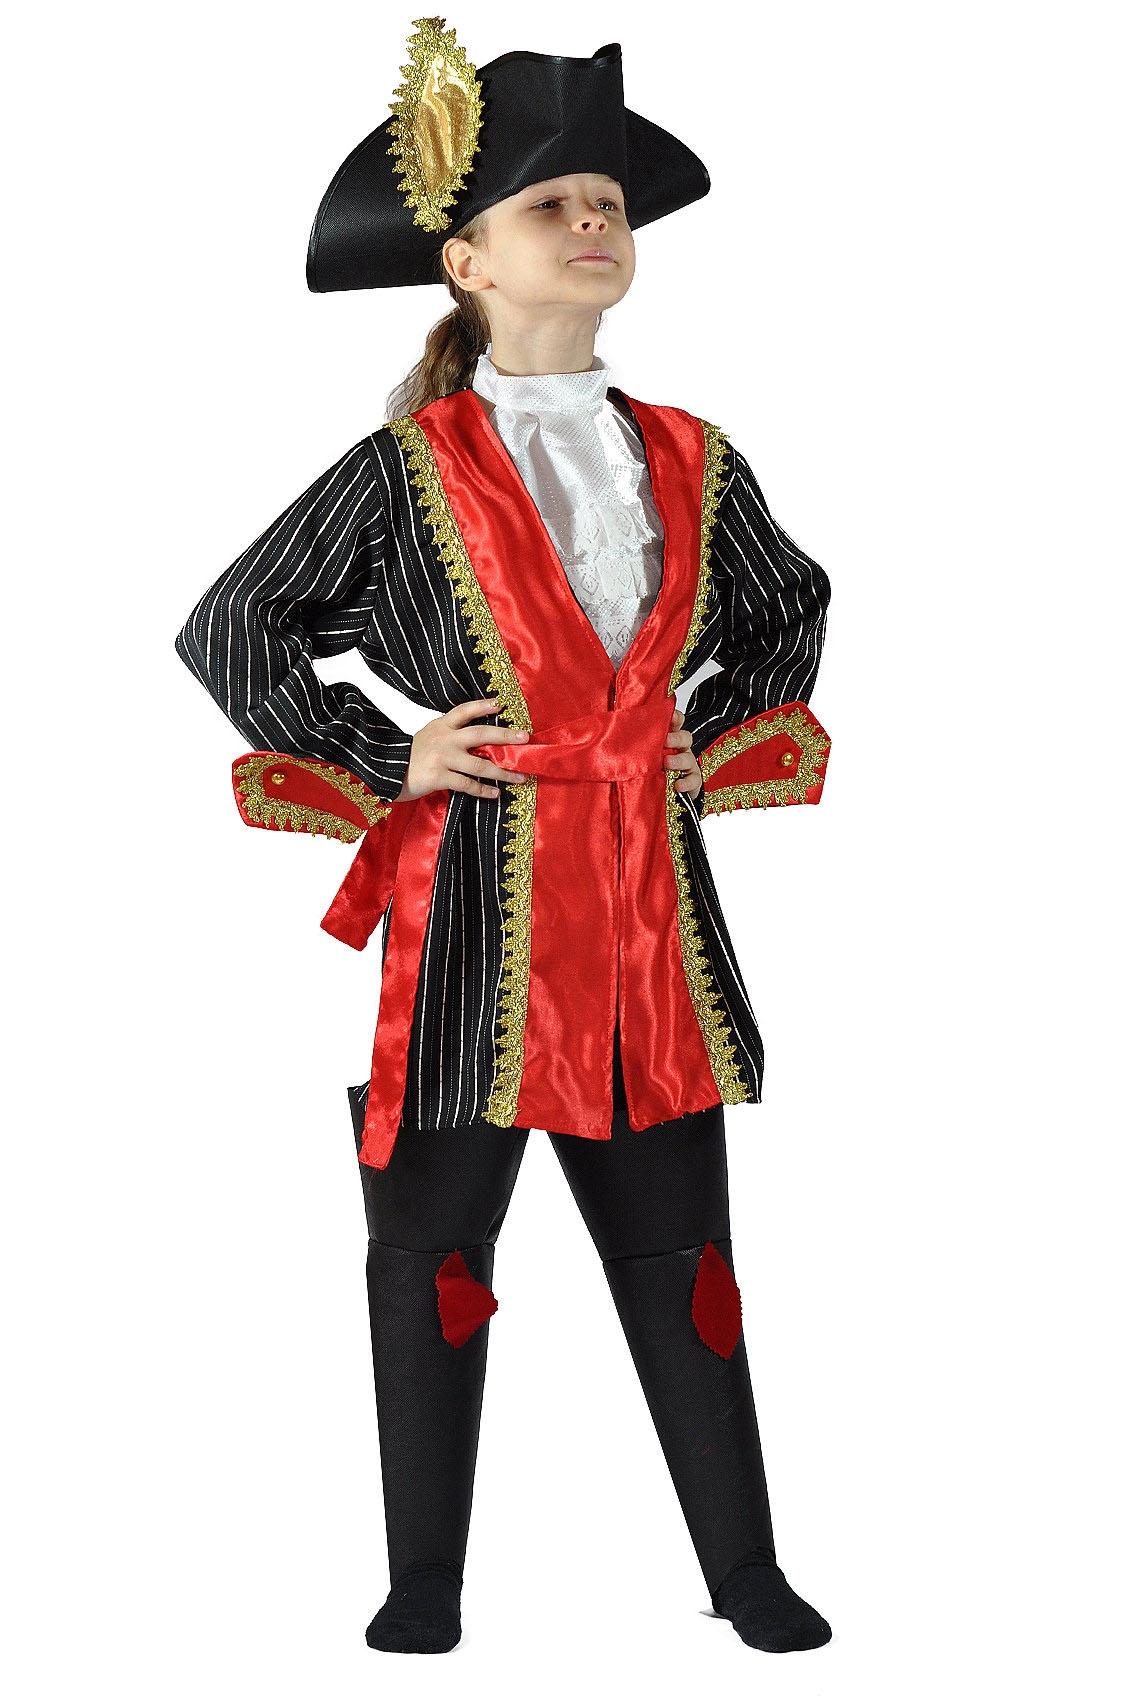 купить Детский костюм Атамана Пиратов (32) недорого